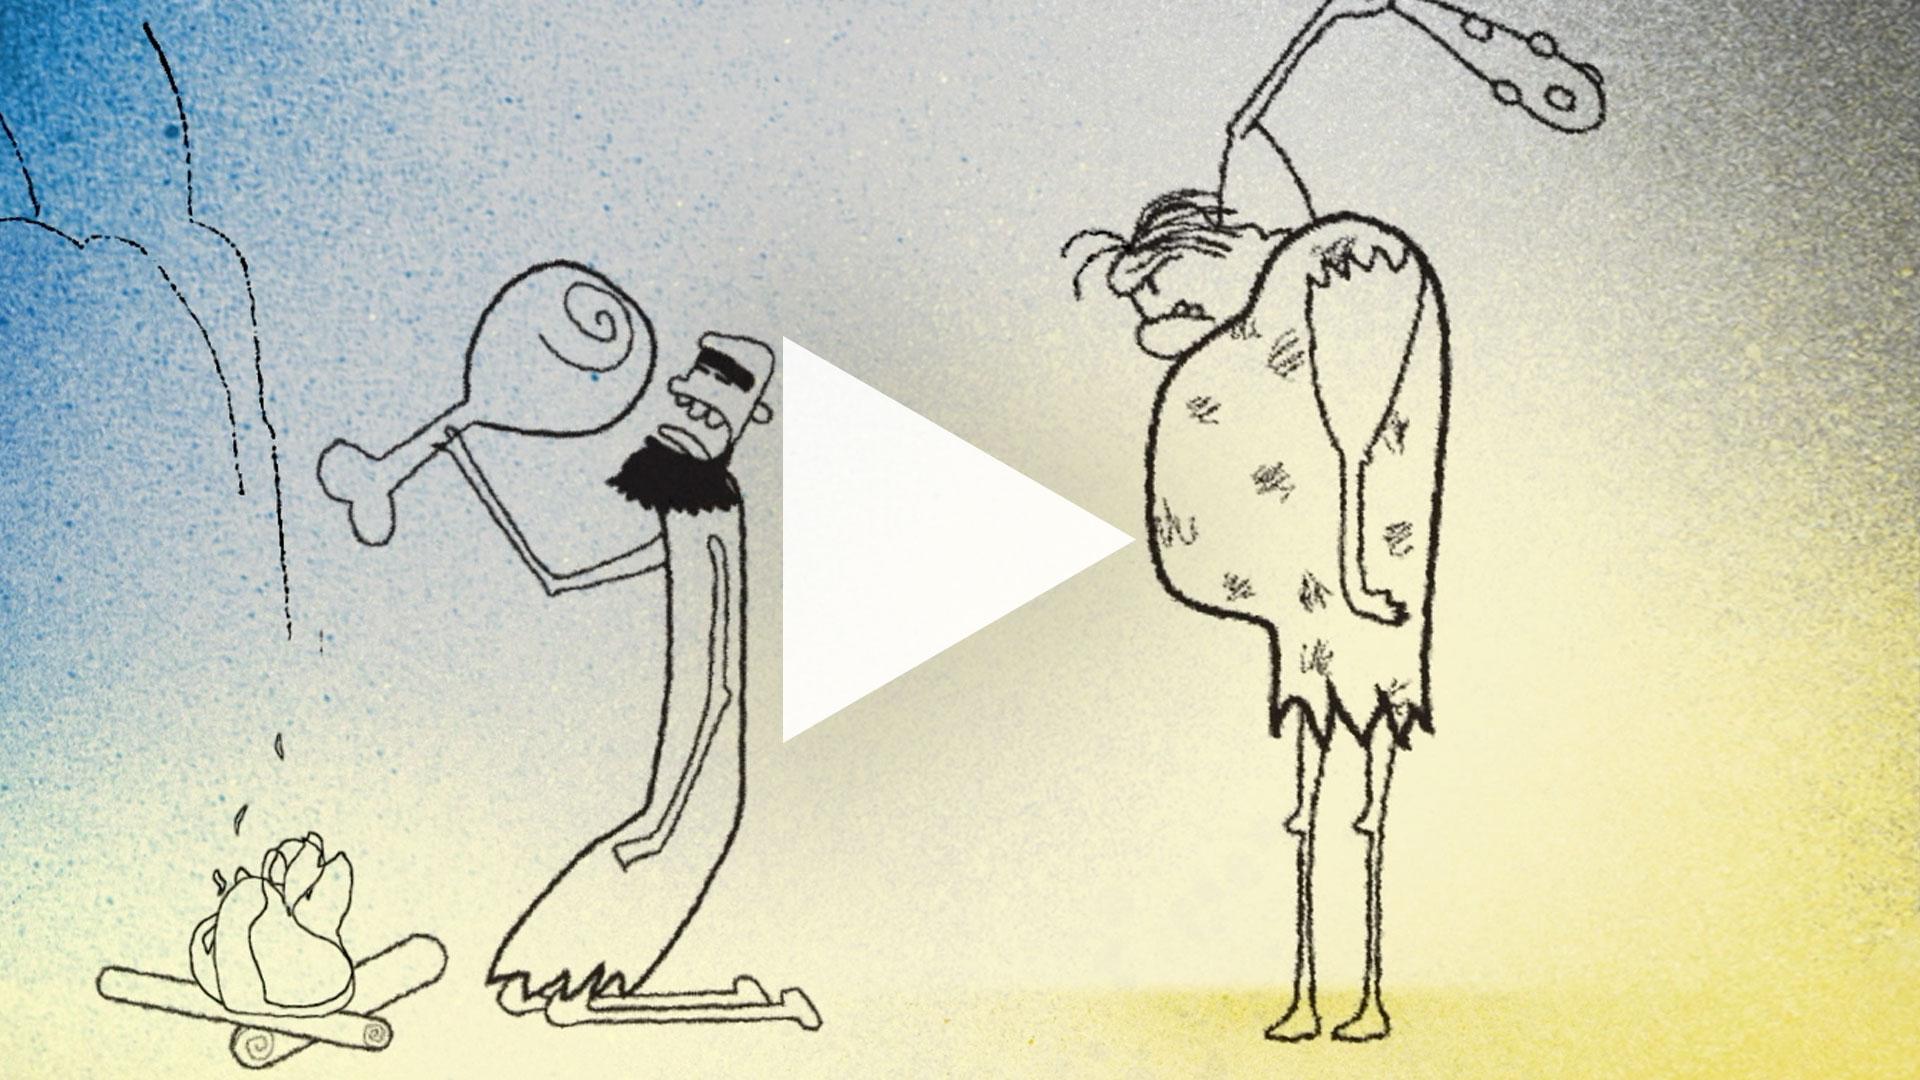 Pfeil-Thumbnail-AO-Ethics